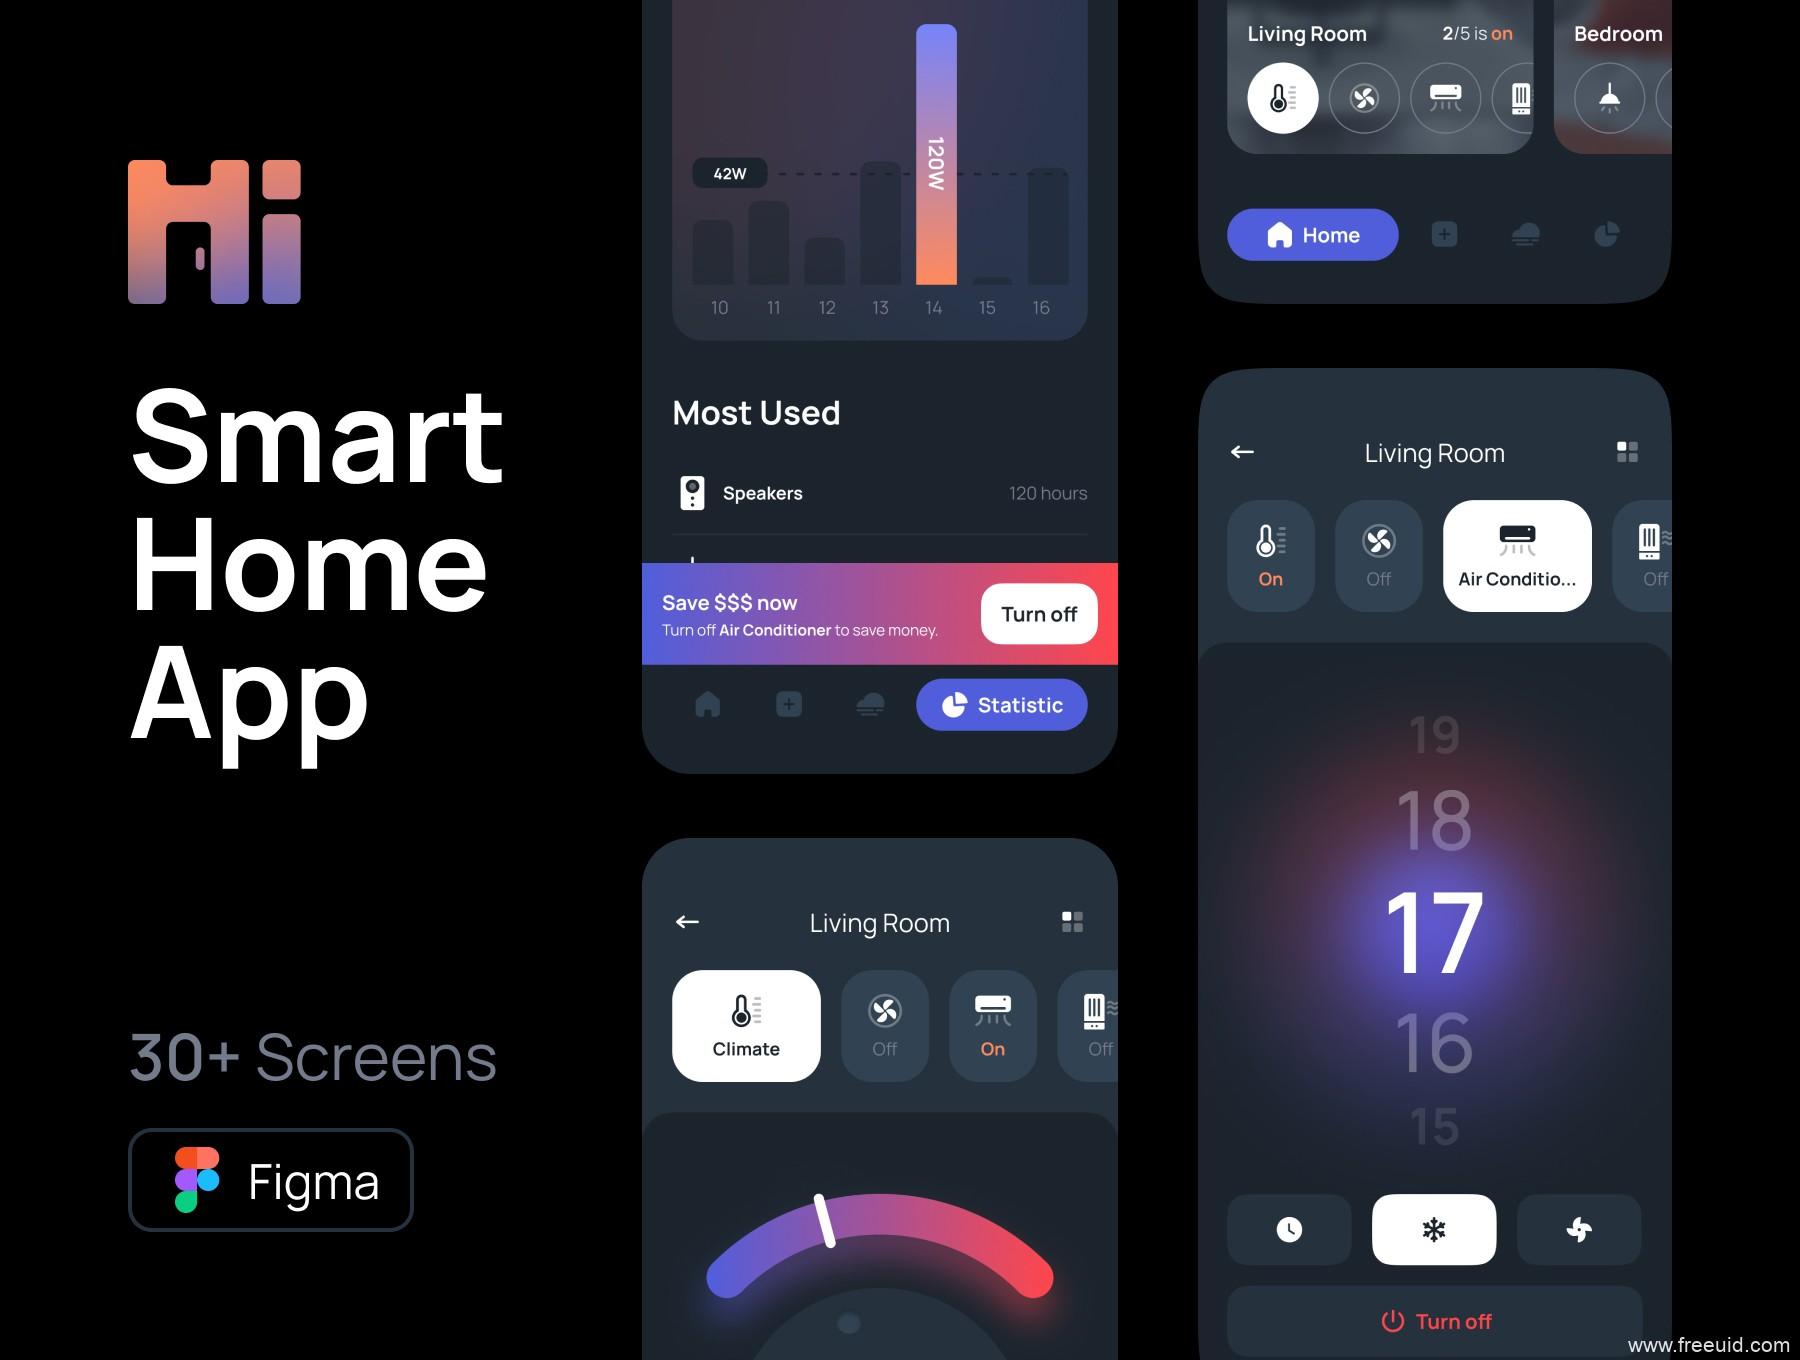 最新智能家居app ui源文件下载,酷黑风格智能家庭app ui素材下载